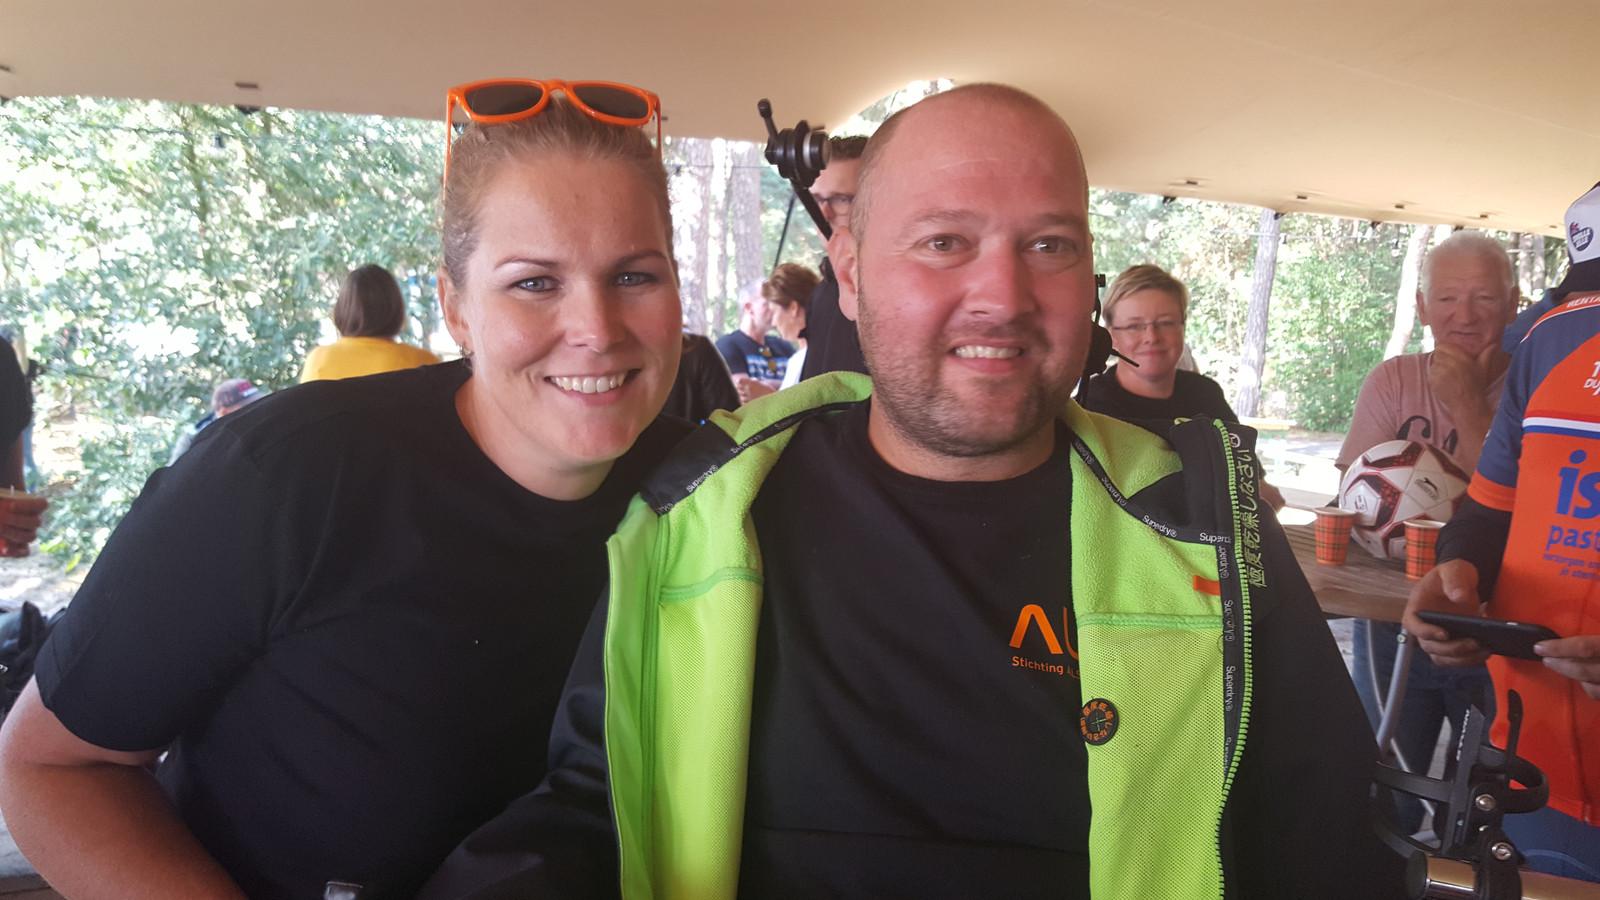 Sophie Groen en Theo Rommen uit Diessen starlen nadat zij de 2 kilometer lange zwemwedstrijd in Vught hebben volbracht.